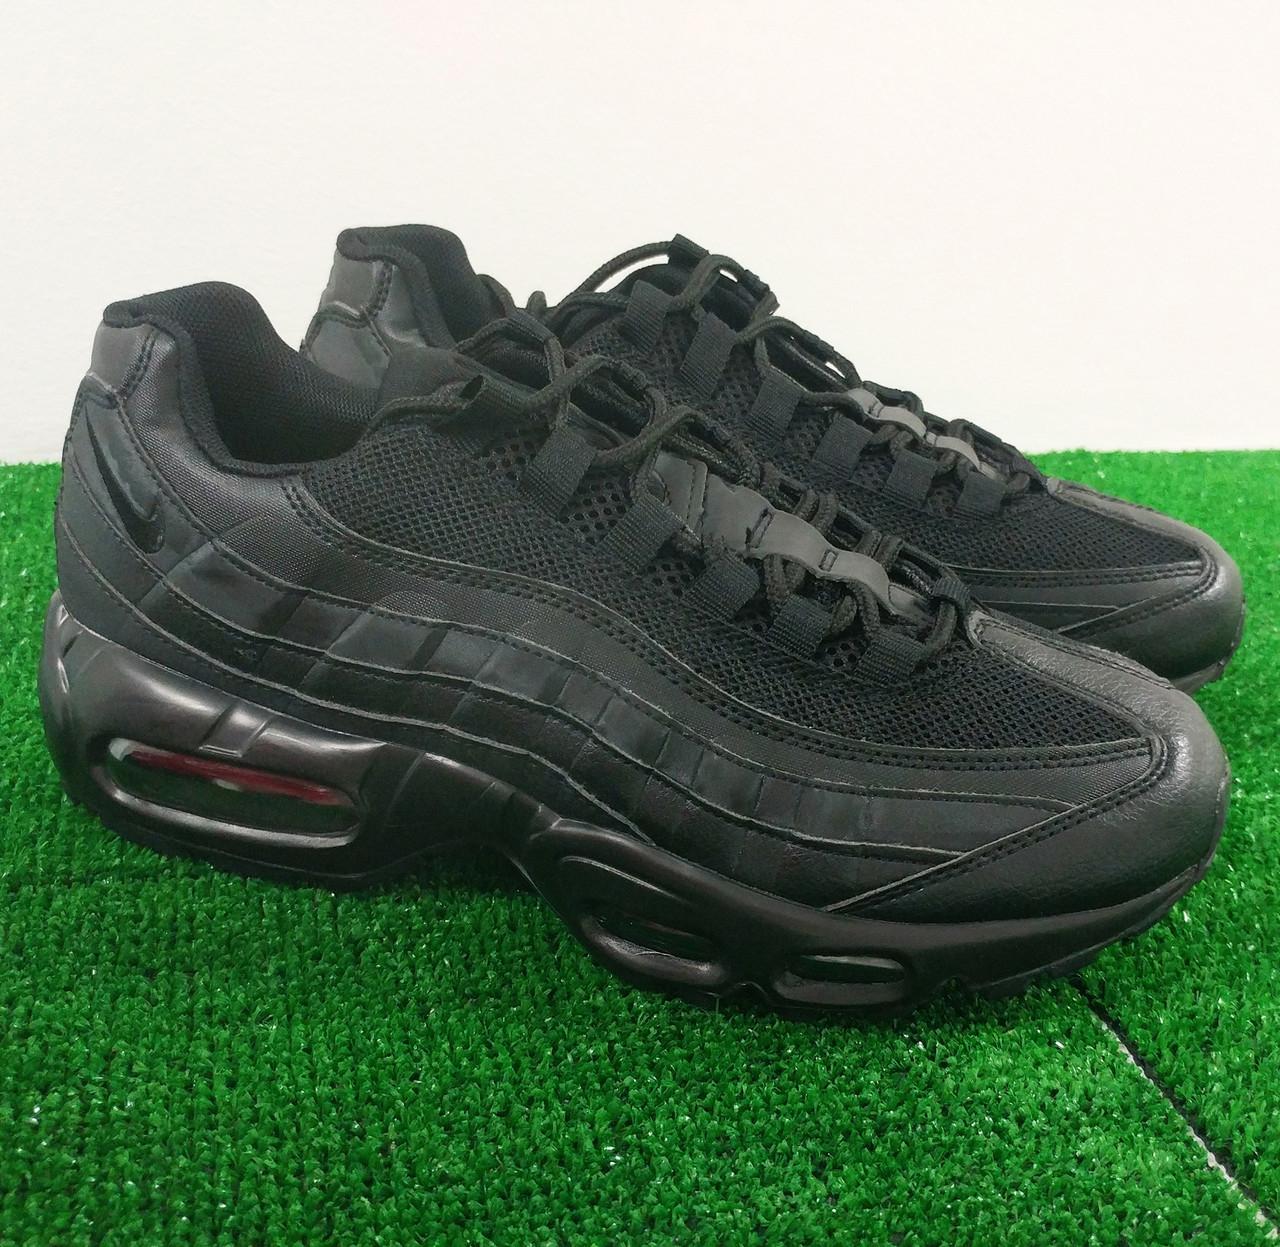 44ff9598e9ea Кроссовки Nike Air Max 95 Full Black, в наличии!  продажа, цена в ...